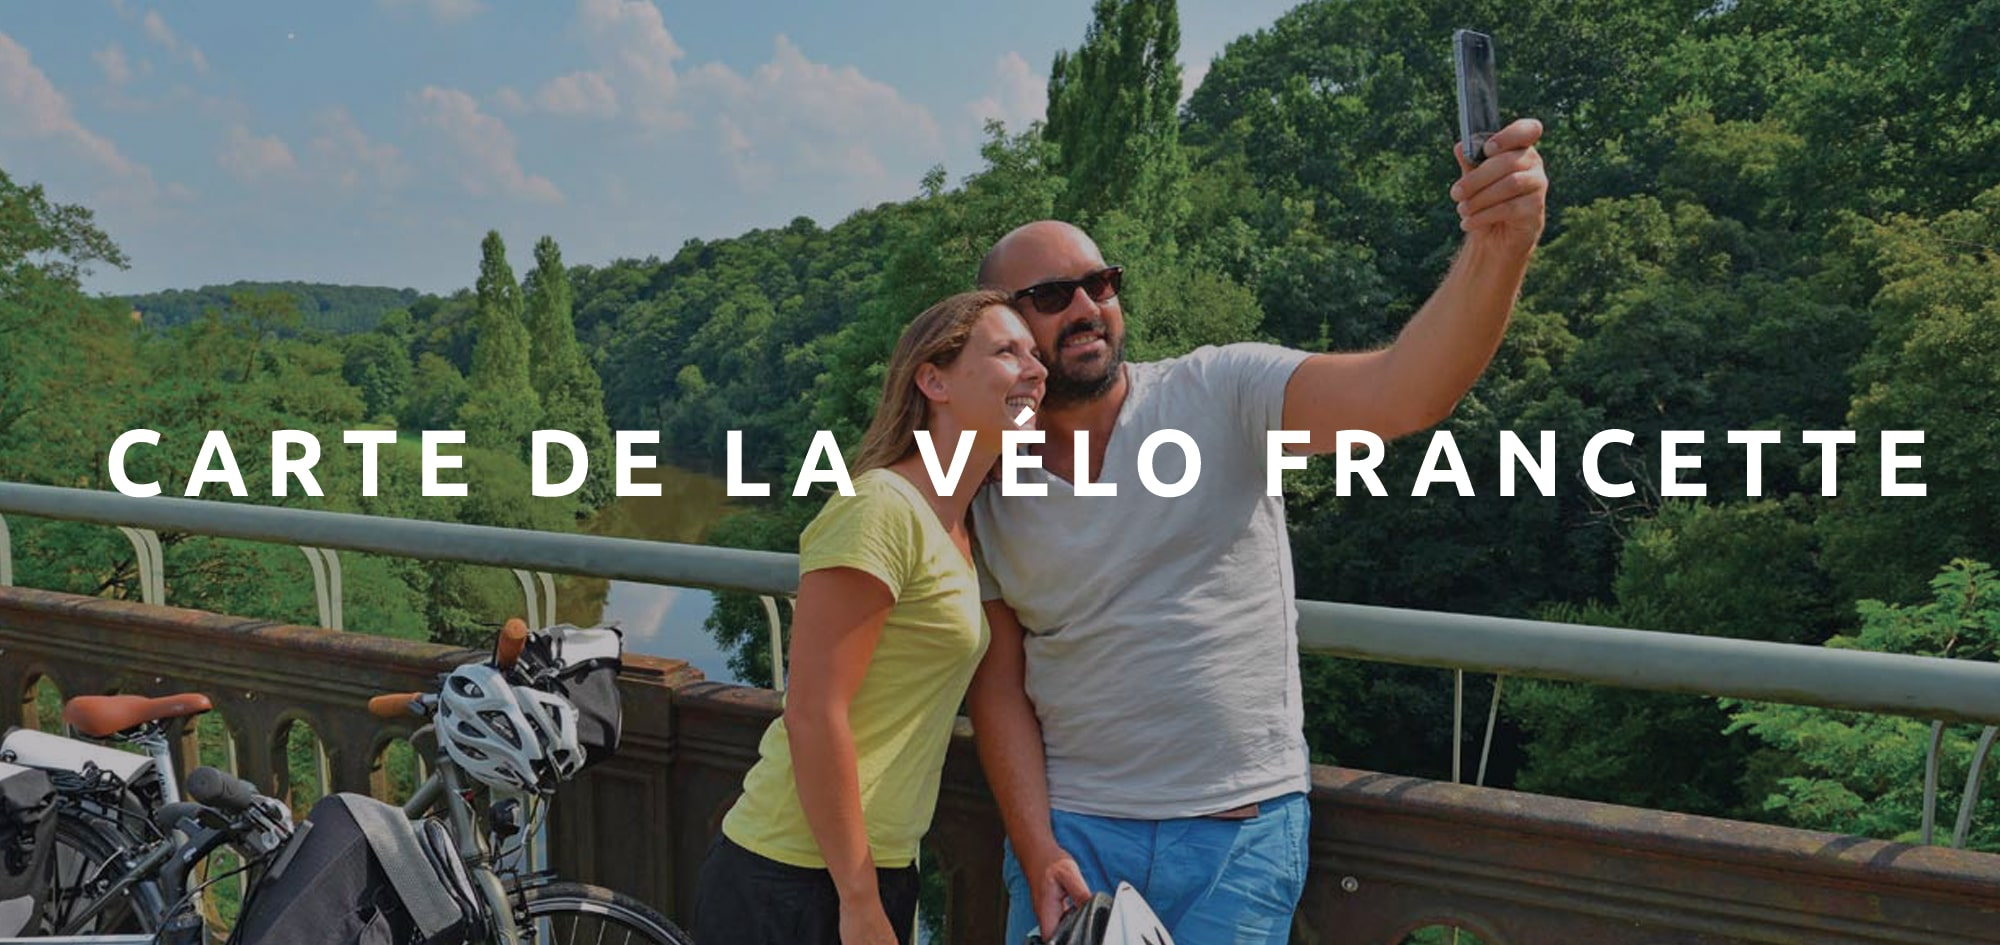 Télécharger la carte de la Vélo Francette